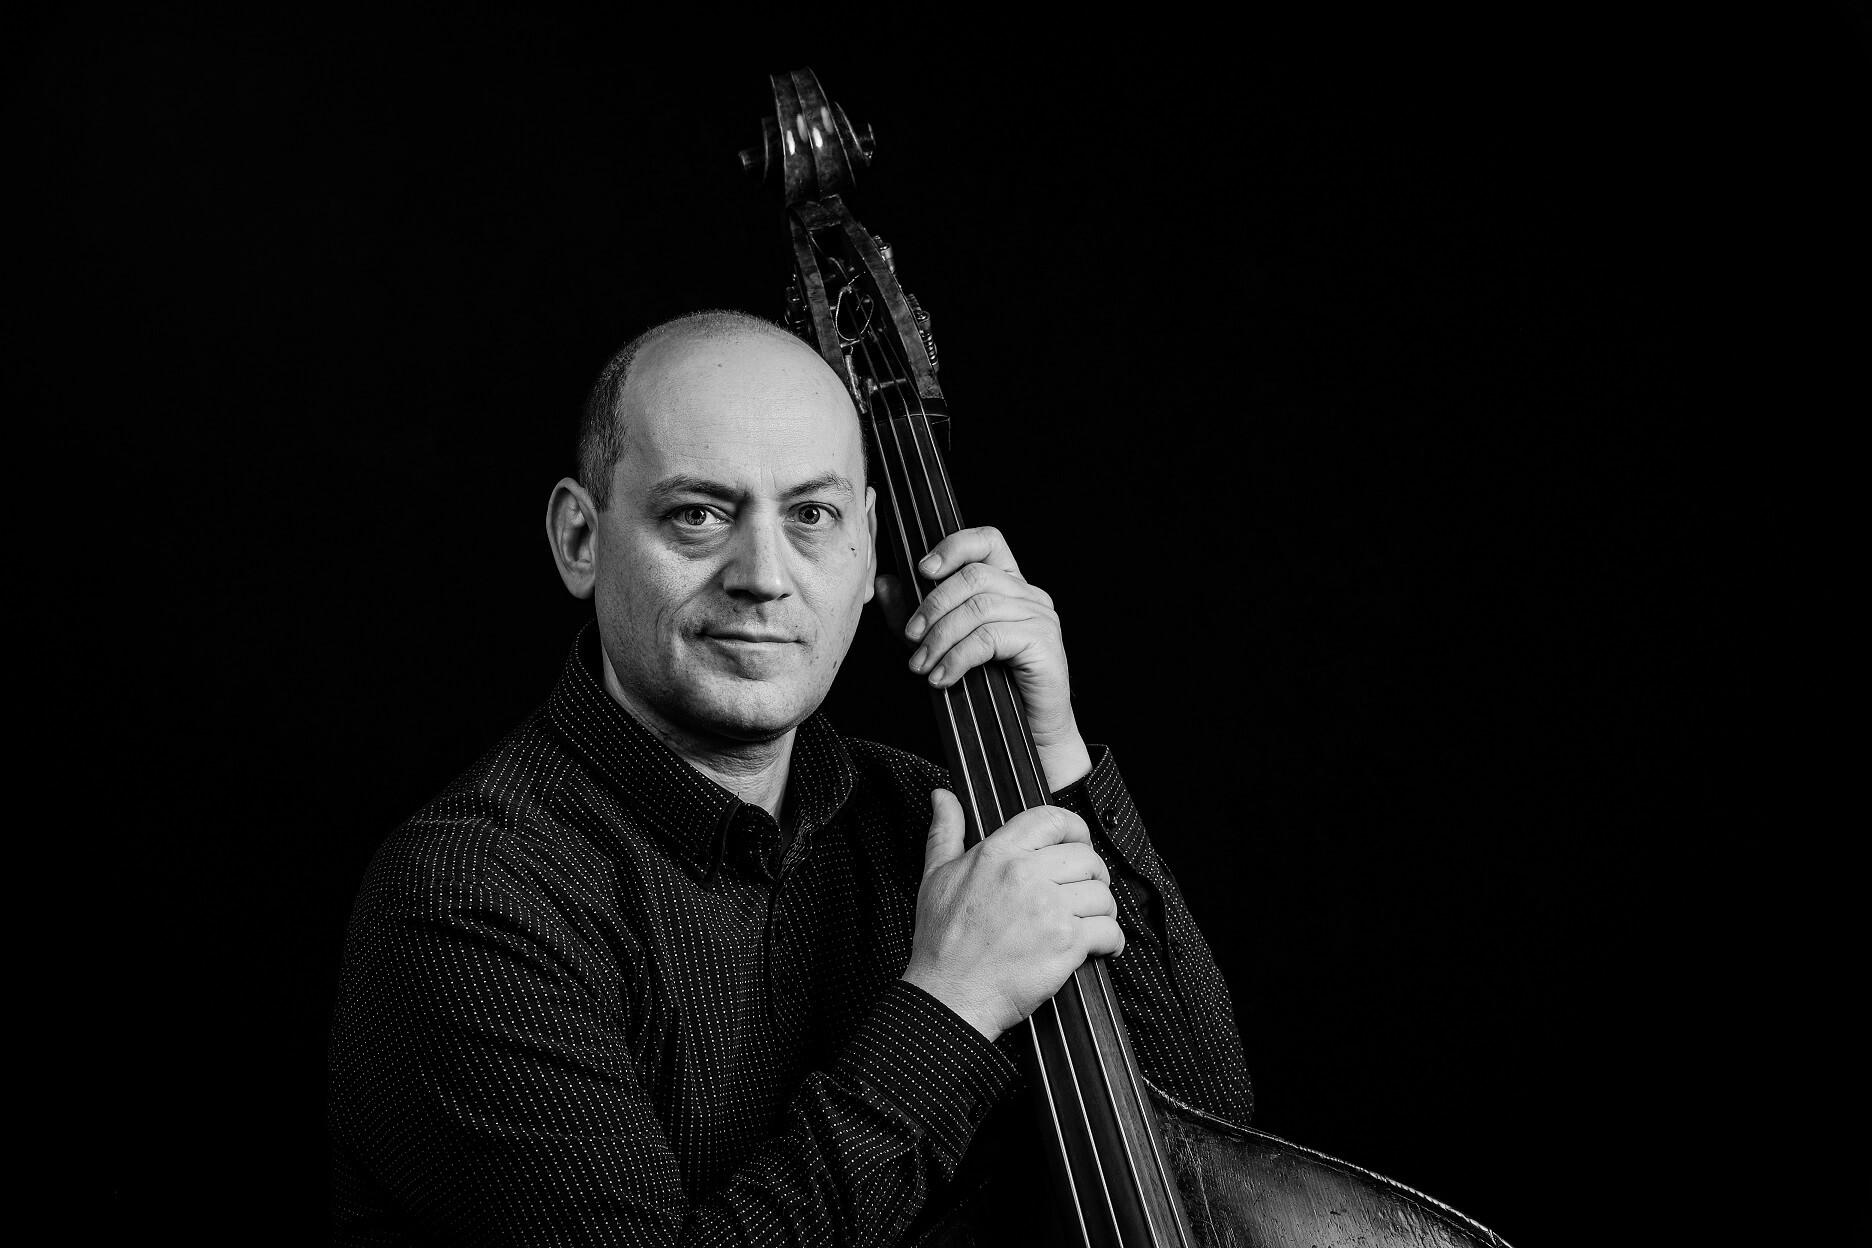 Yuri Goloubev